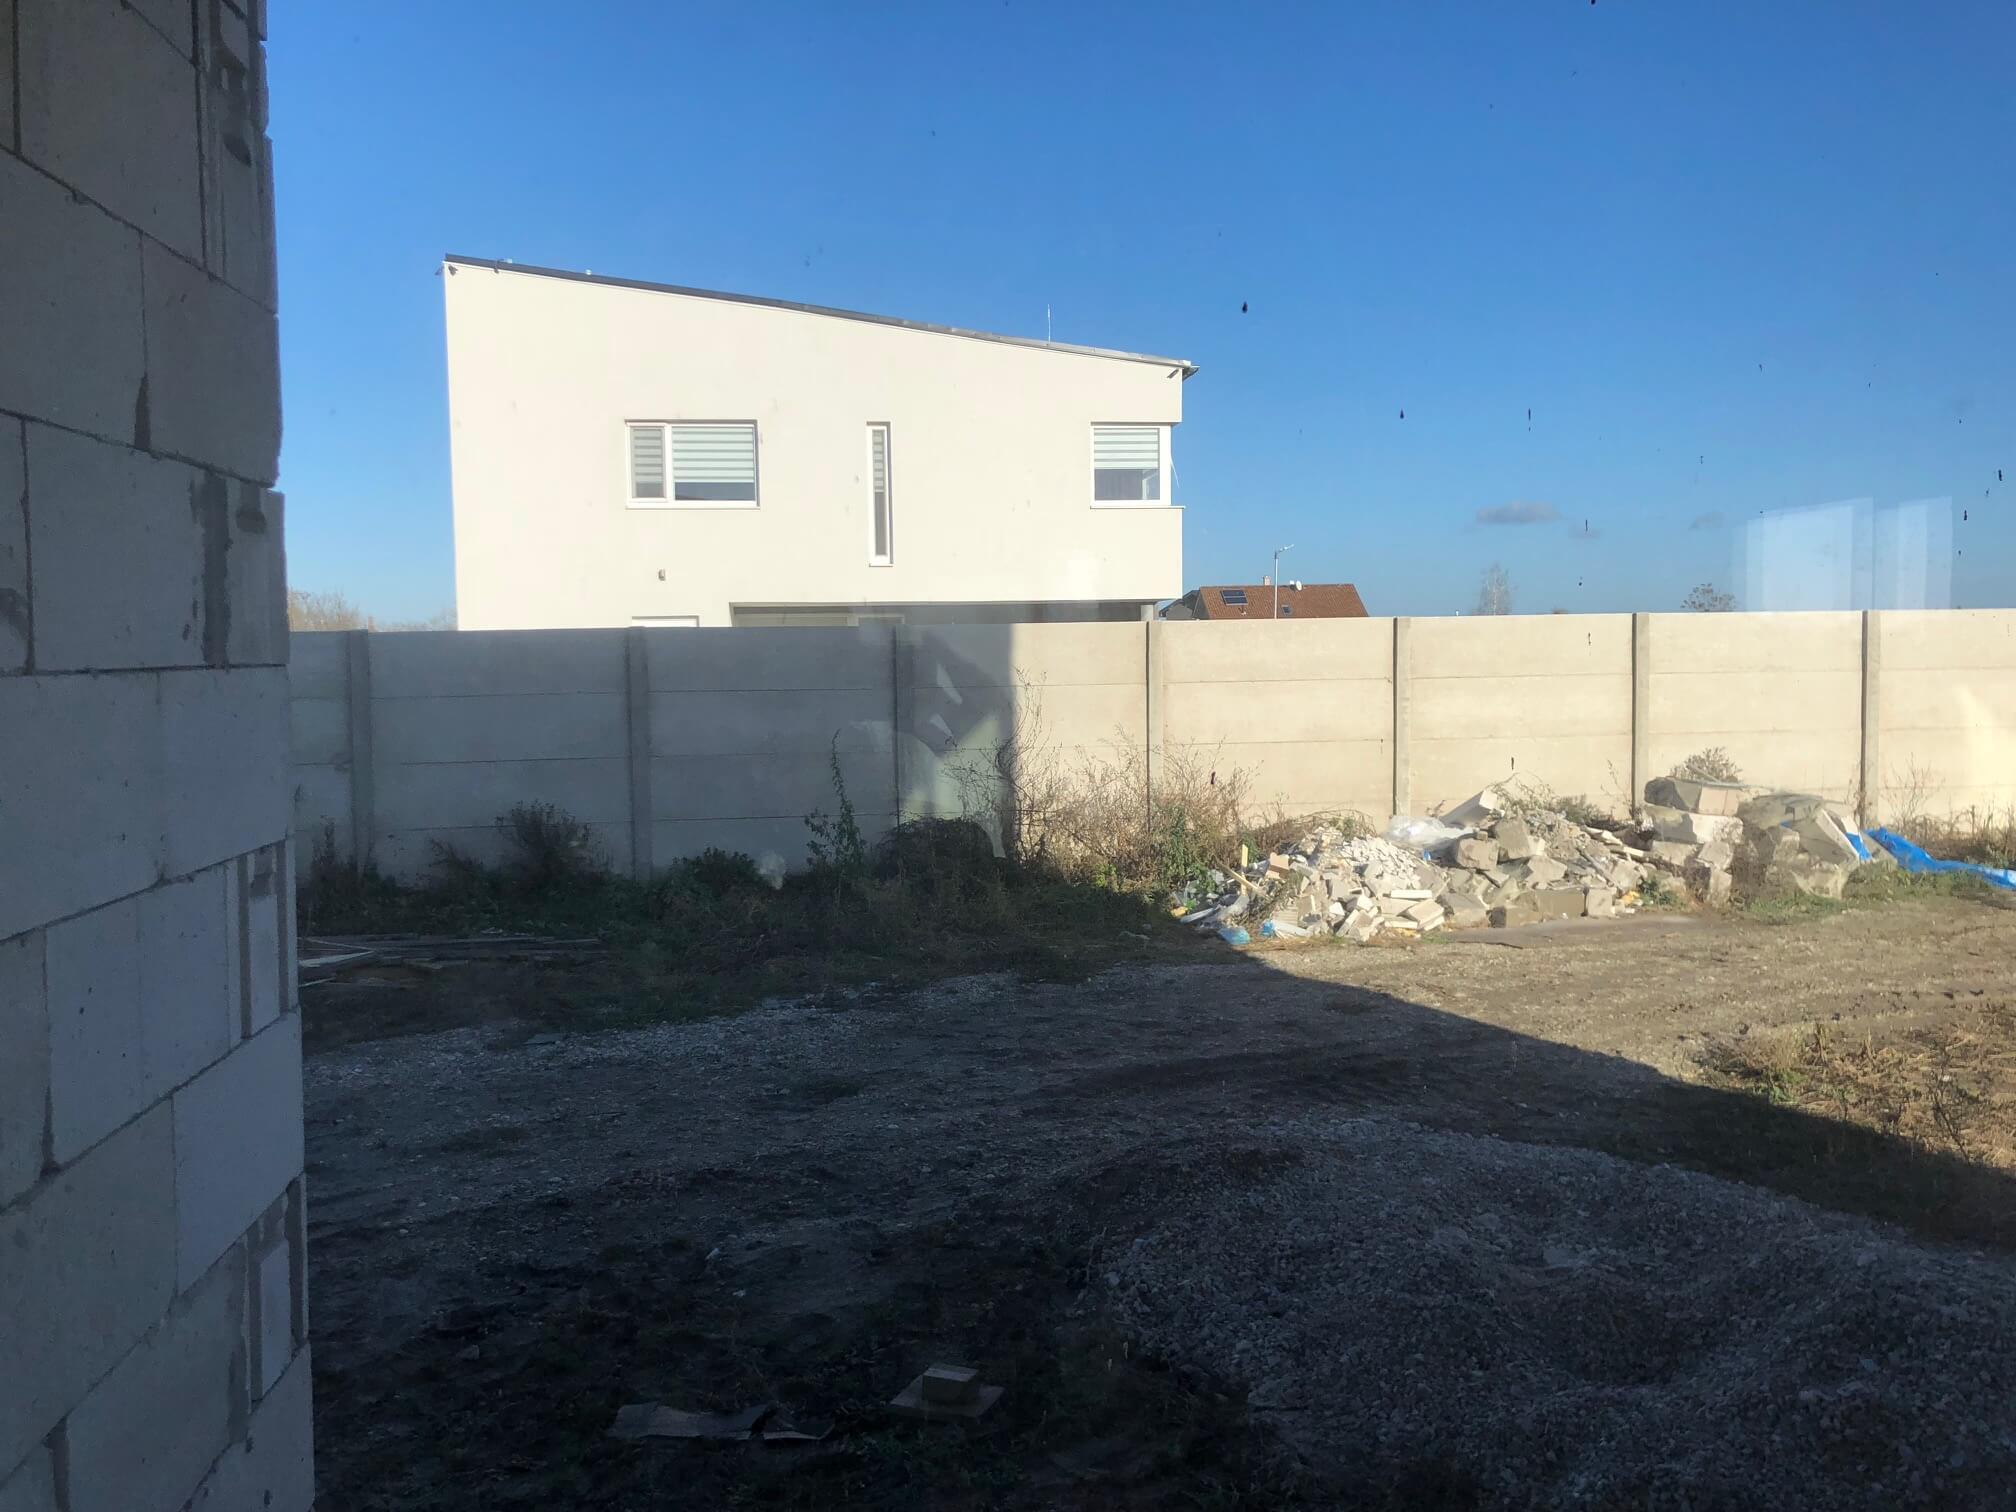 Predané: RD s 2 bytovými jednotkami, Novostavba v Dunajskej Lužnej, 2X: 4 izbový,pozemok 422m2,úžitkova 106m2-31